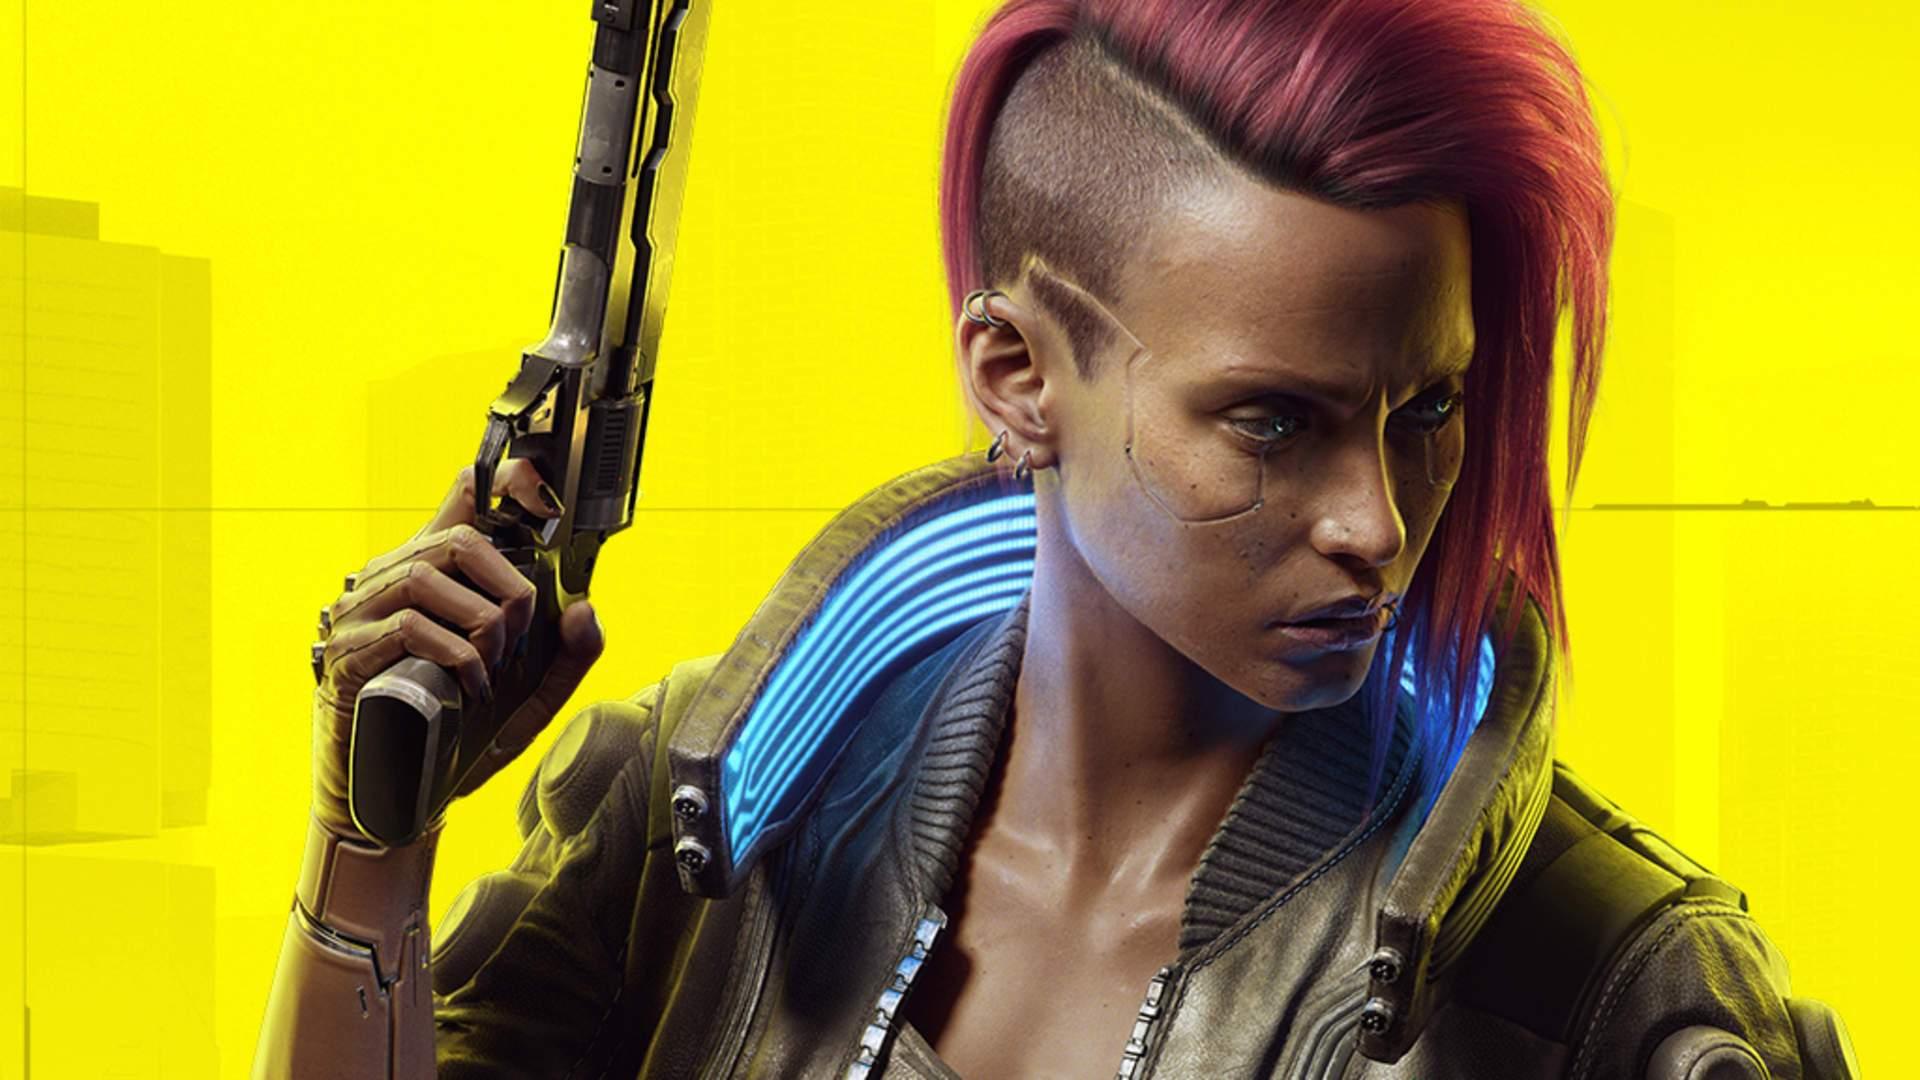 CD Project Red хвастается расовым разнообразием среди разработчиков Cyberpunk 2077 / Компьютерные и мобильные игры / iXBT Live